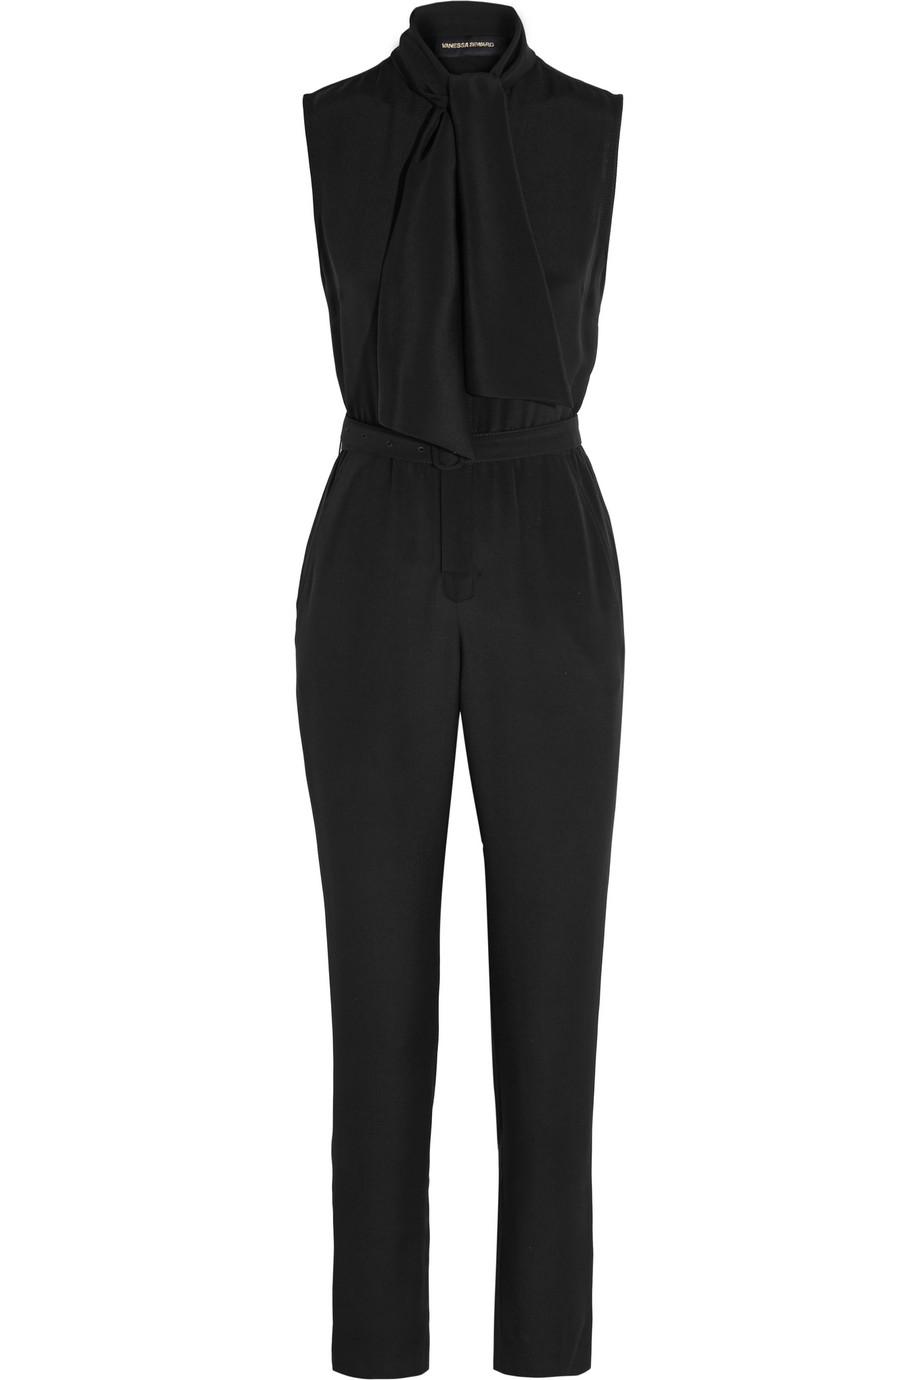 Boulogne Pussy-Bow Silk Crepe De Chine Jumpsuit, Black, Women's, Size: 34